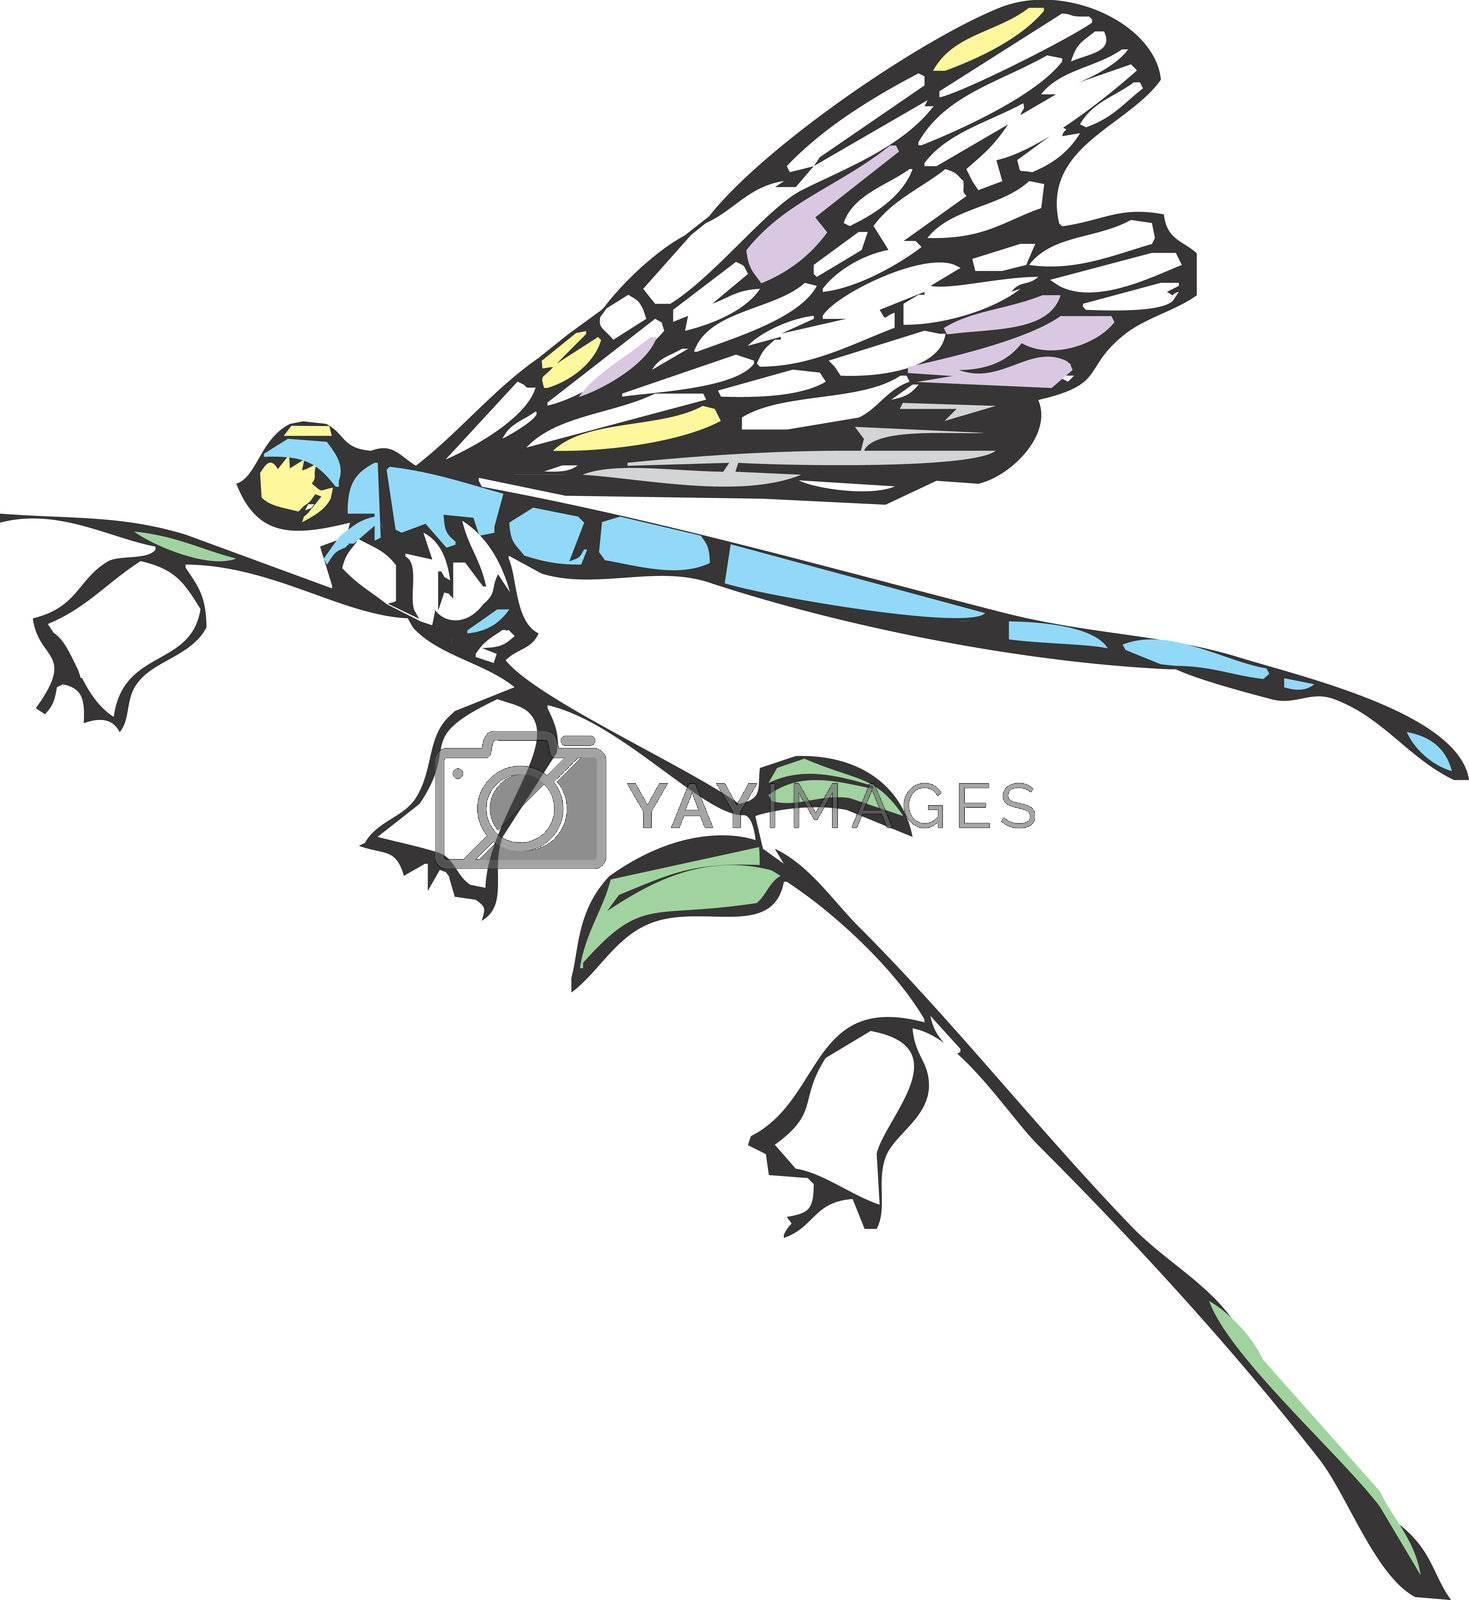 A dragonfly or damselfly on a flower stem.